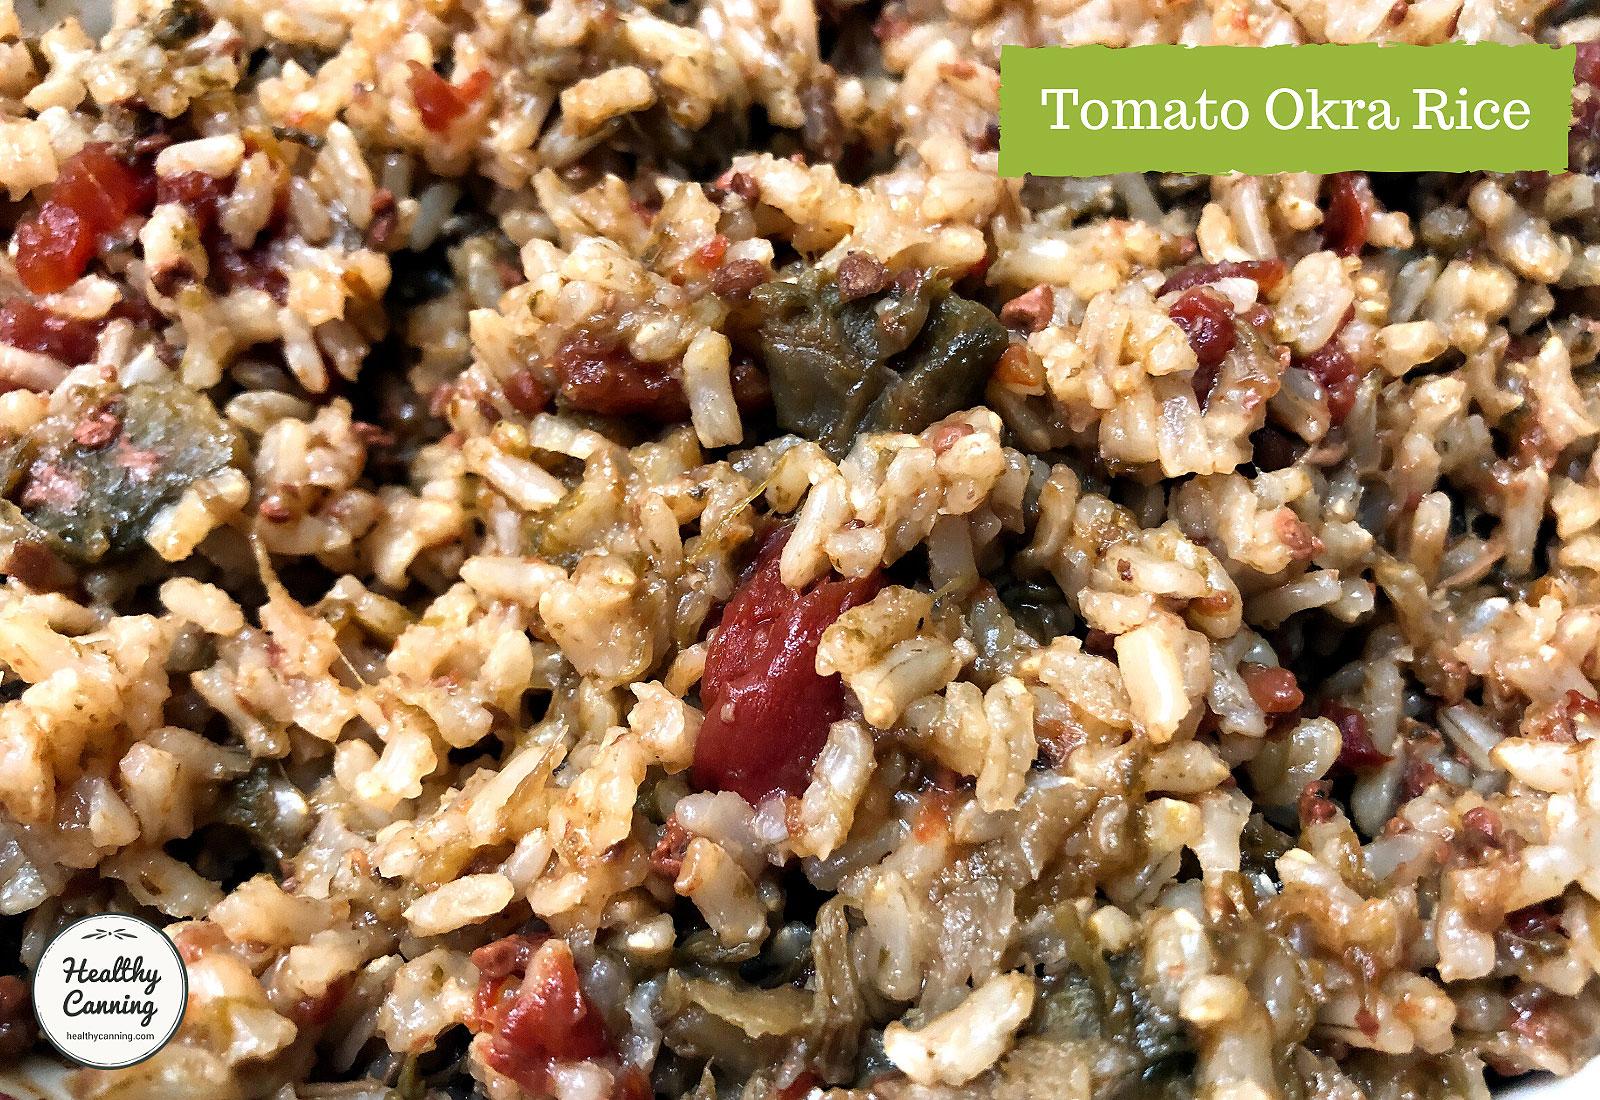 Tomato Okra Rice